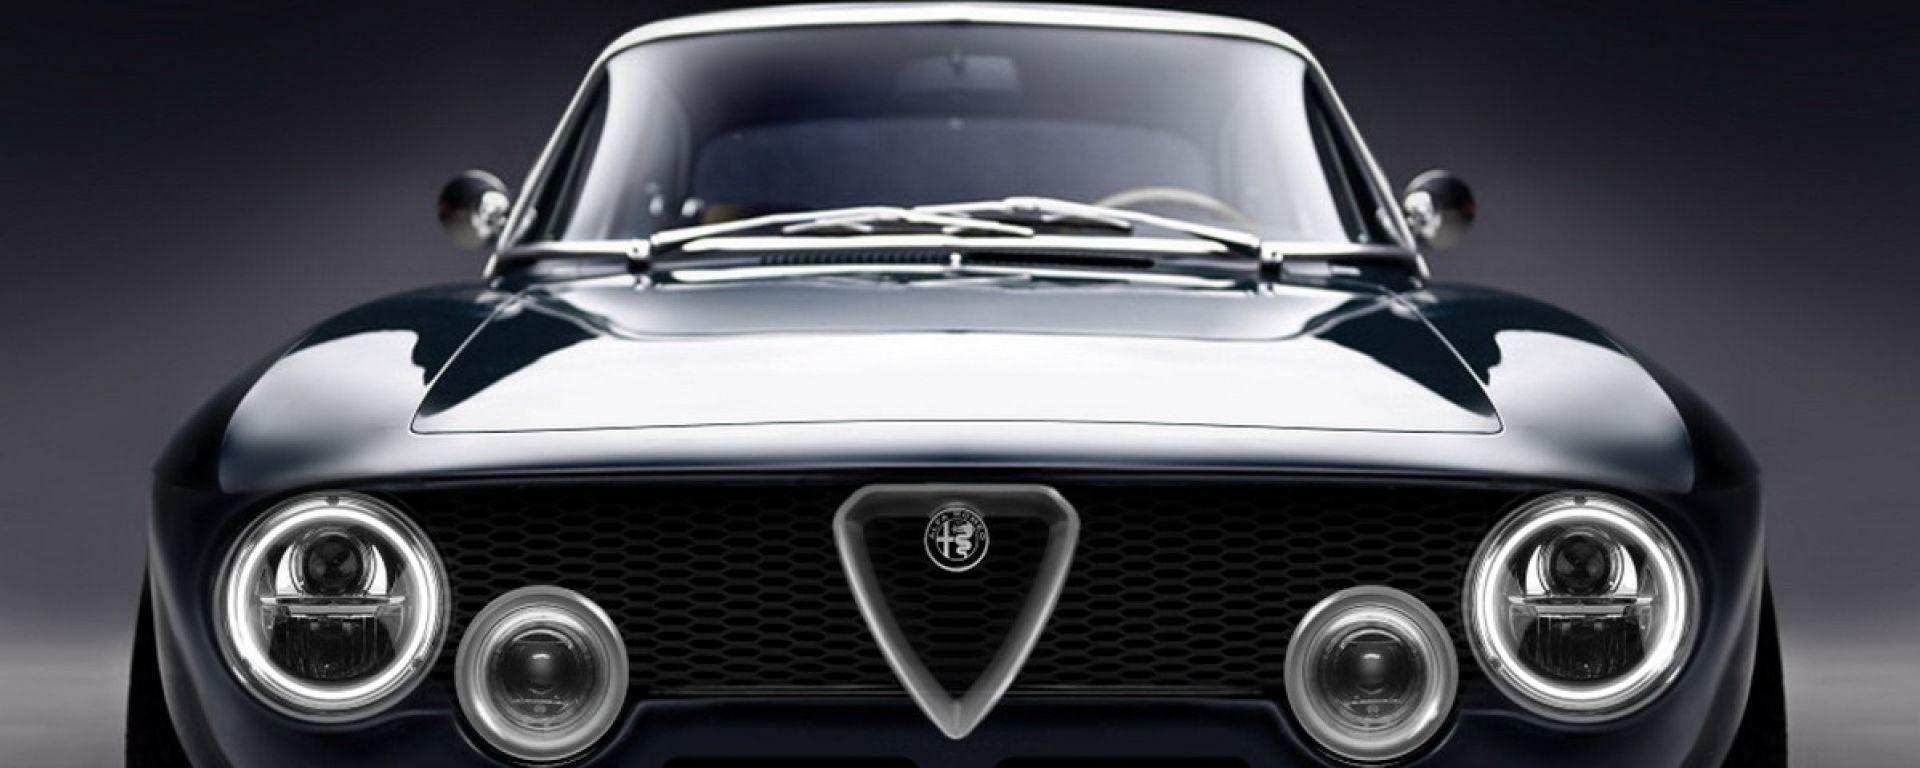 Alfa Romeo Giulia GT electric by Totem Automobili, il frontale con fari a LED